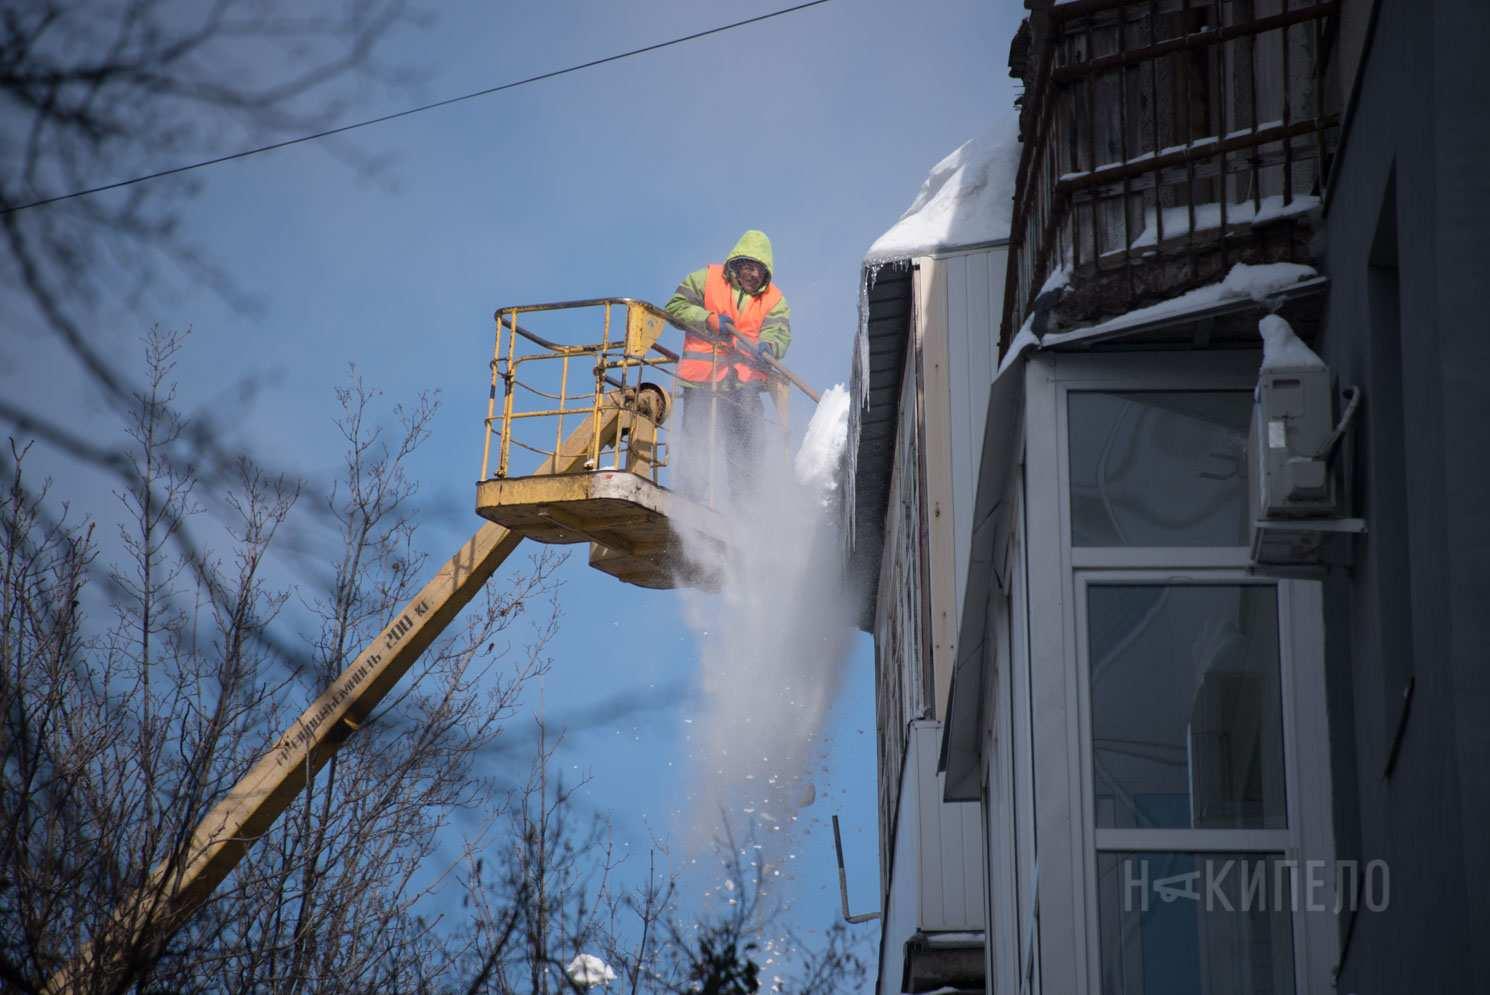 снег сосульки сосули комунальщики службы крыша снегопад